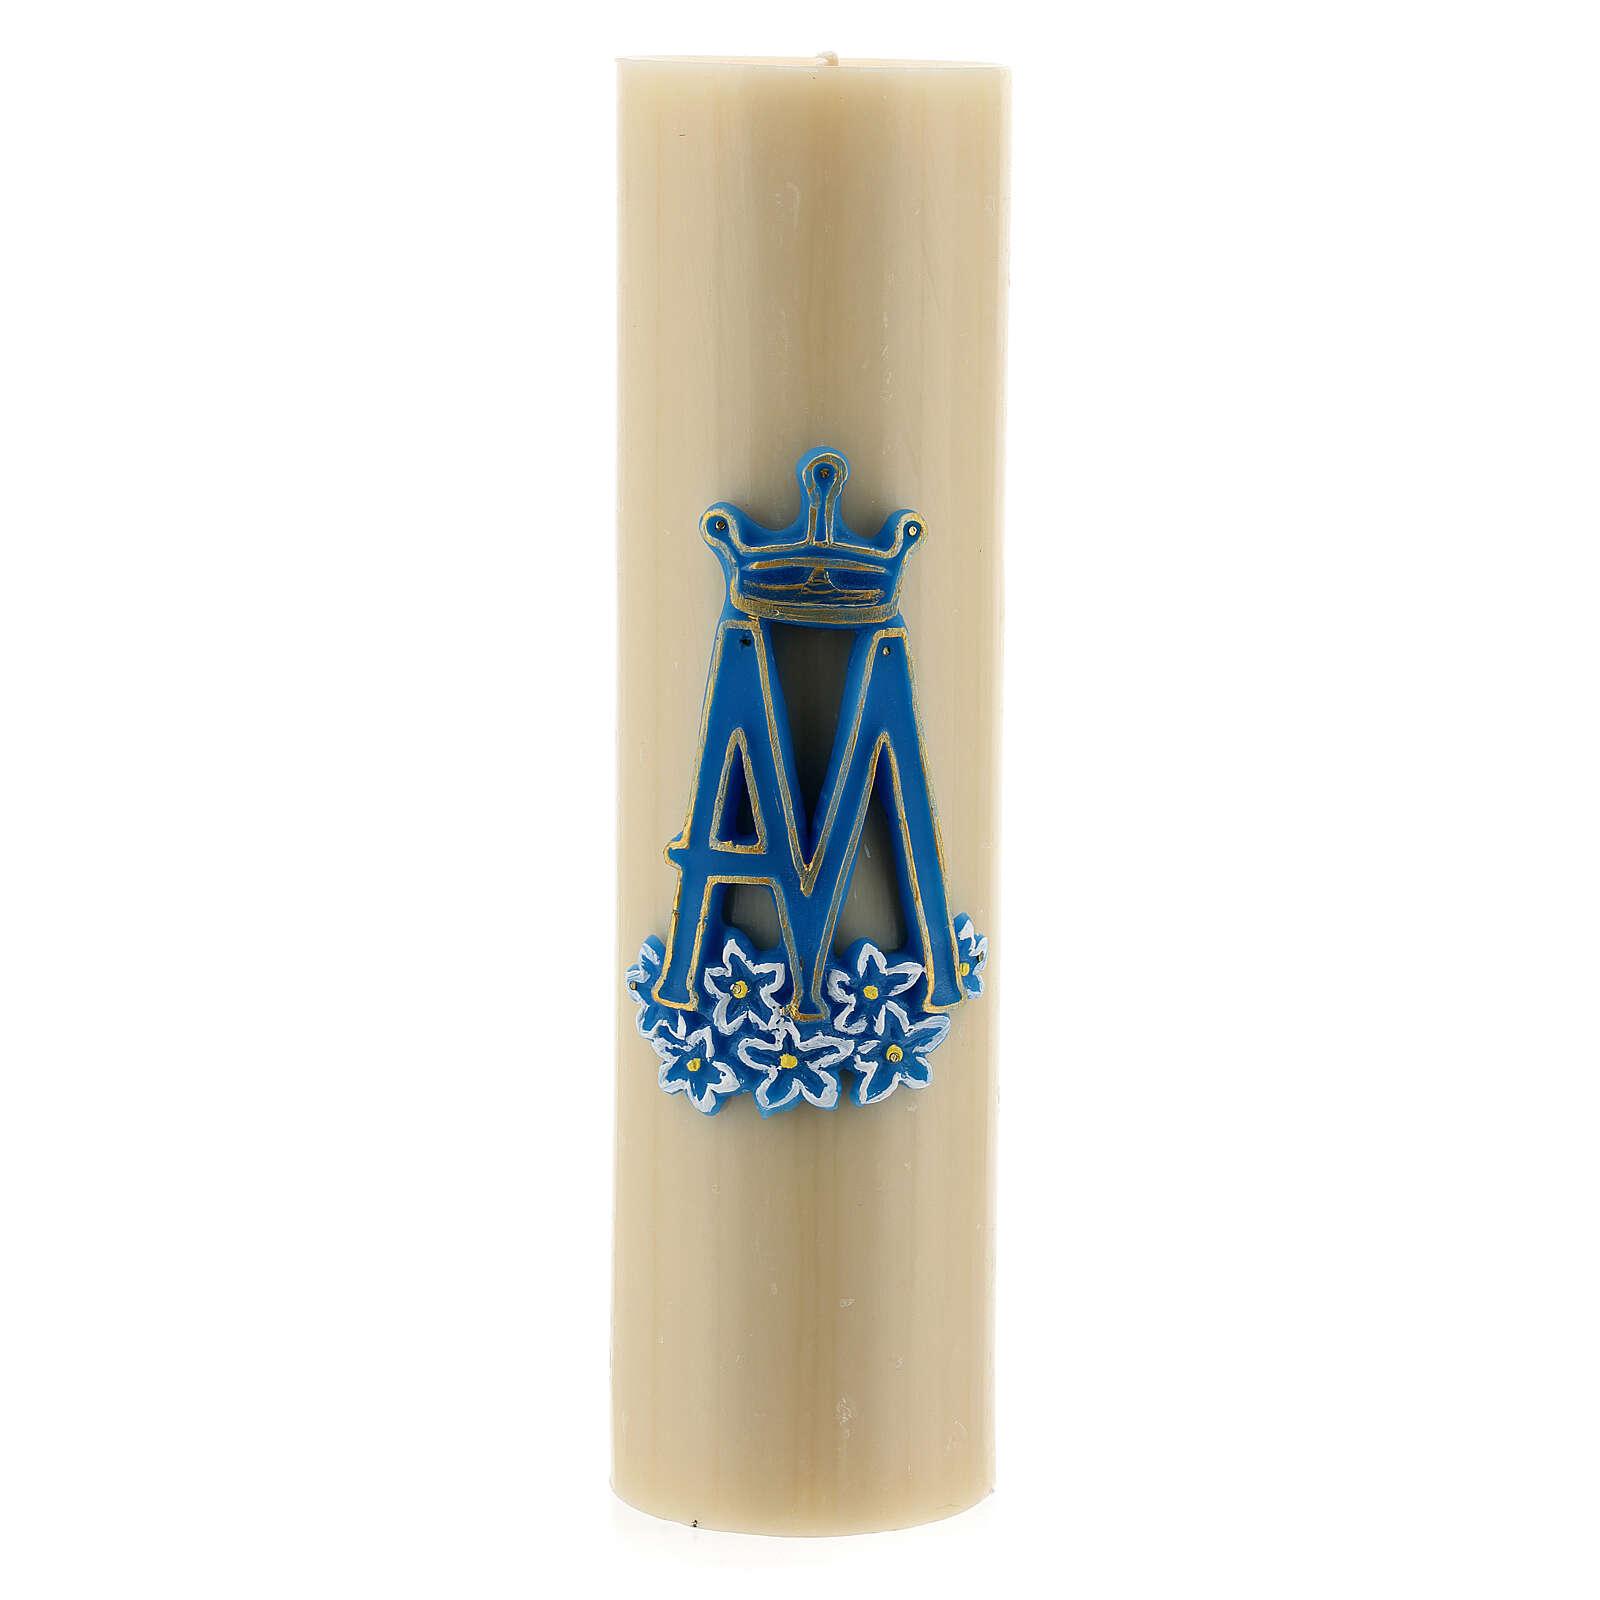 Vela de altar símbolo mariano cera de abelha diâm. 8 cm 3